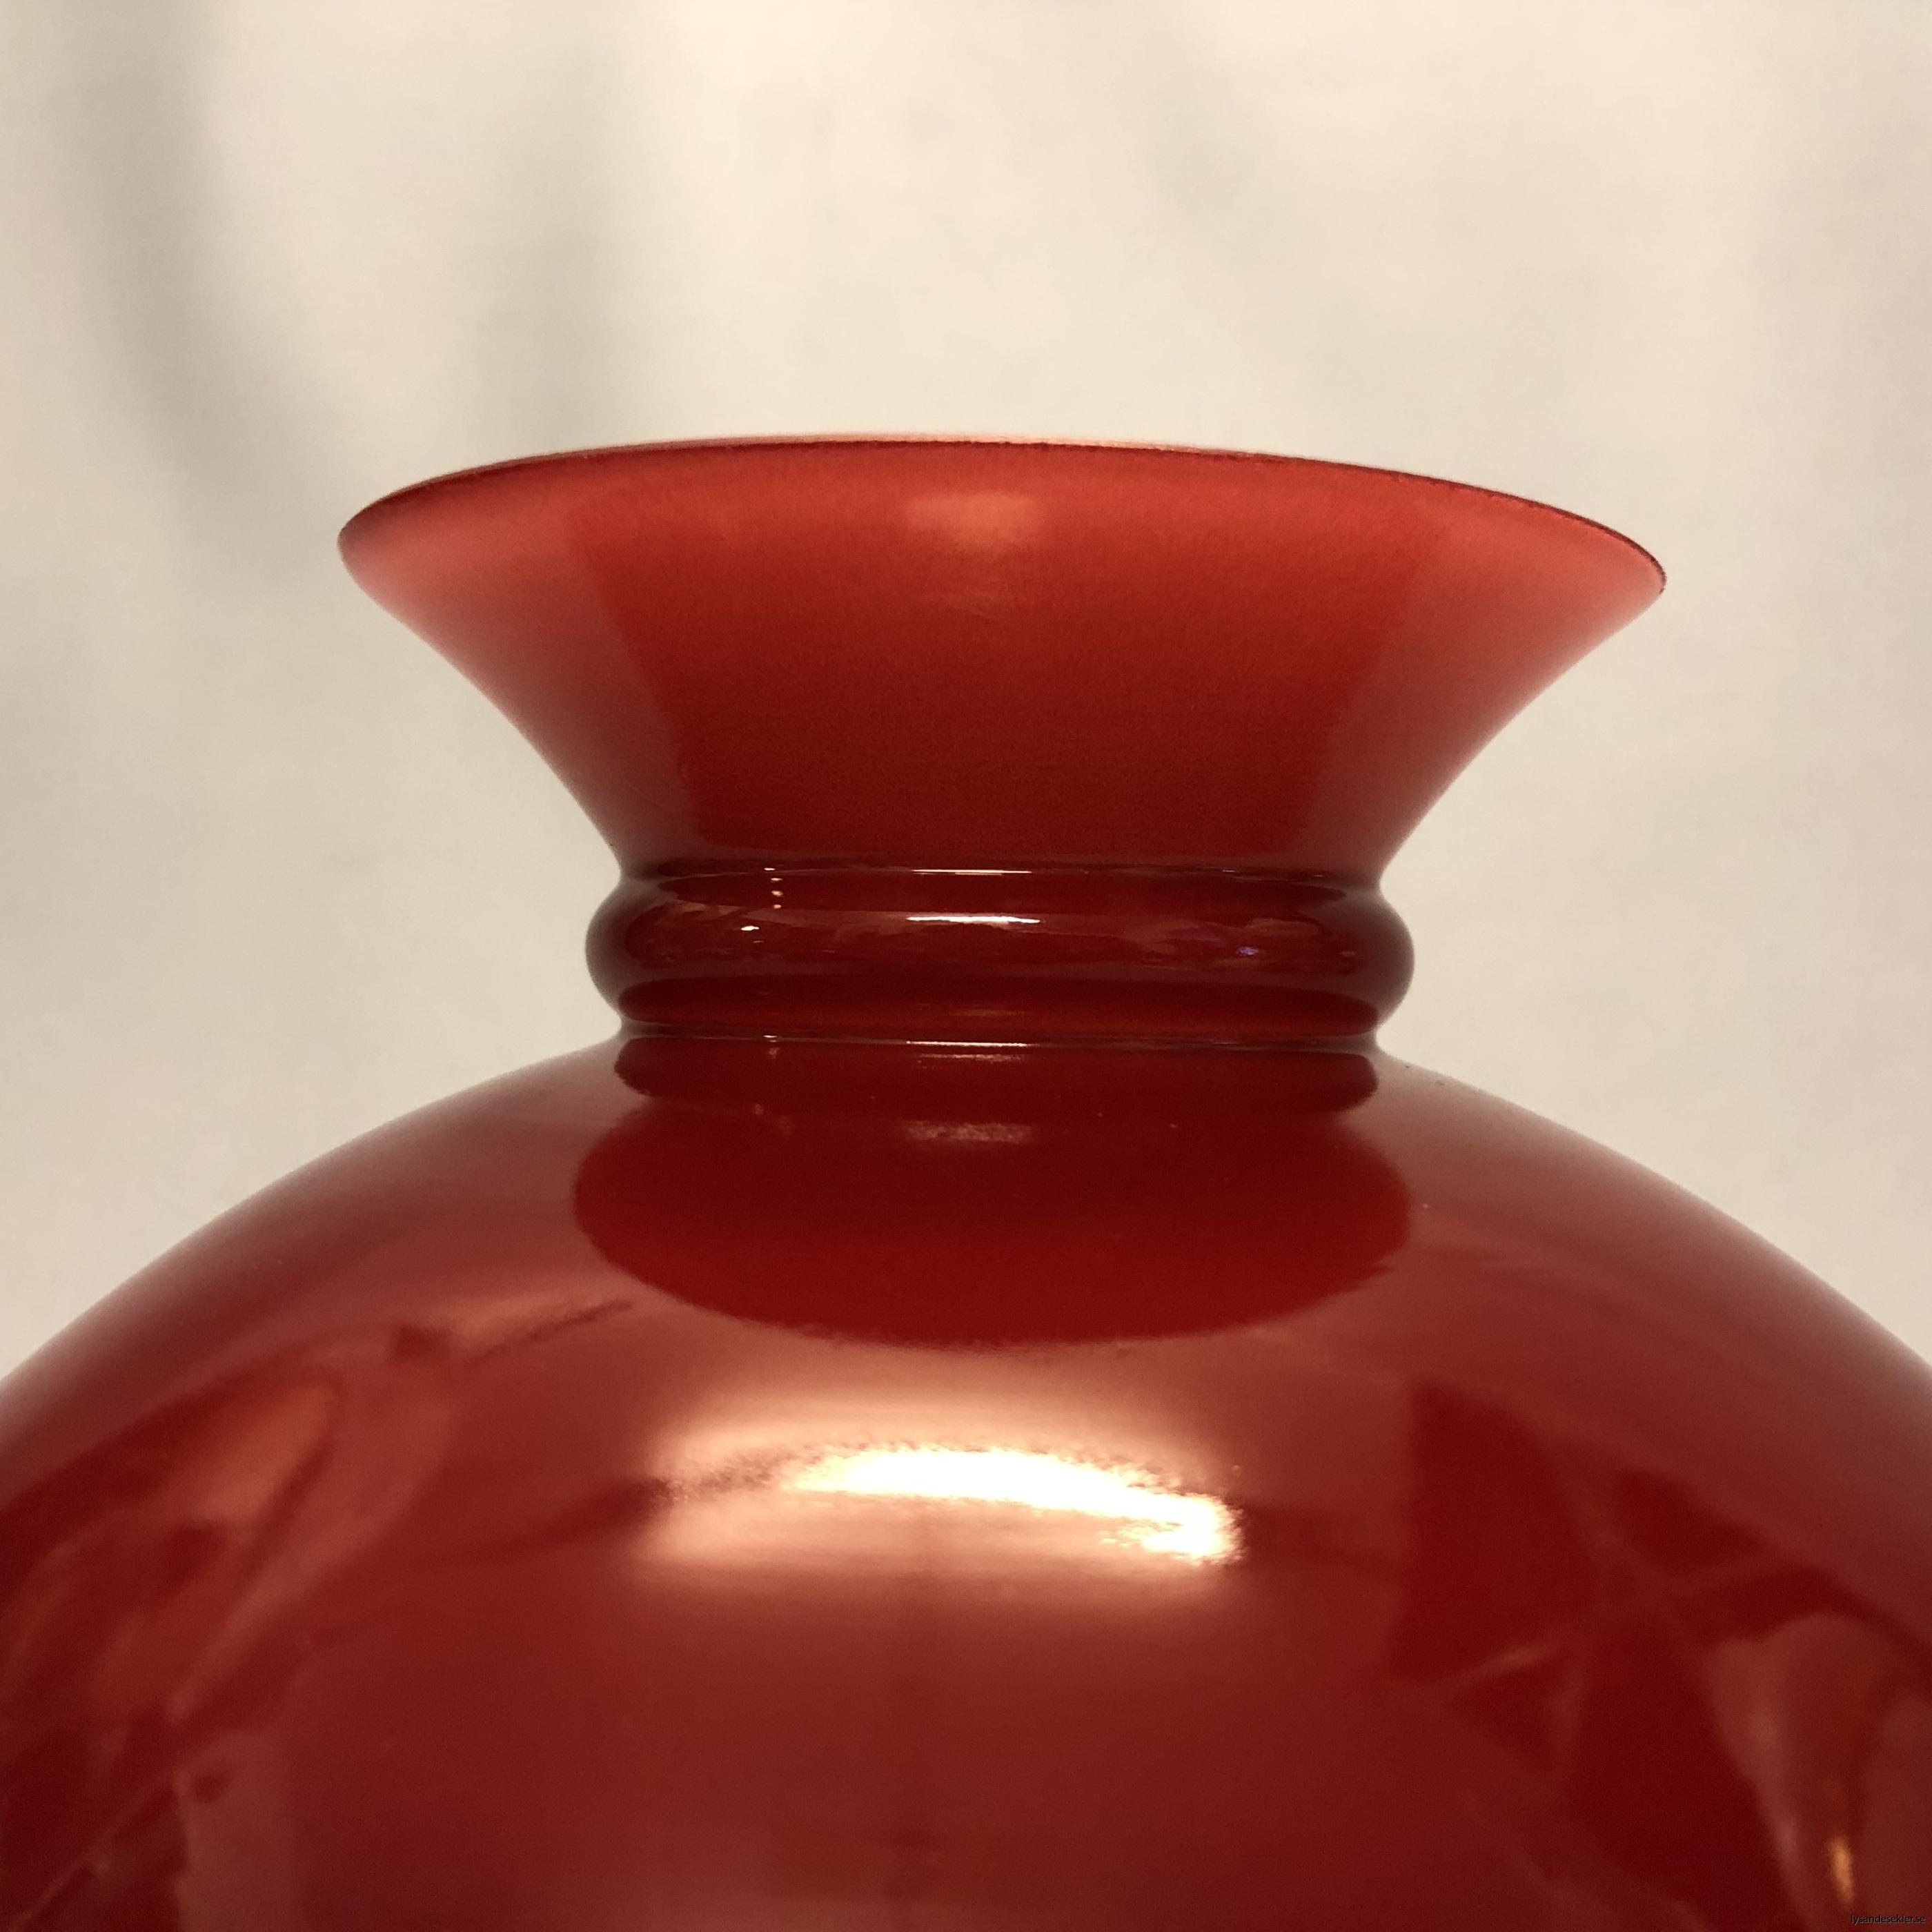 färgad vesta vestaskärm i färg fotogenskärm grön röd gul orange skärm till fotogenlampa33